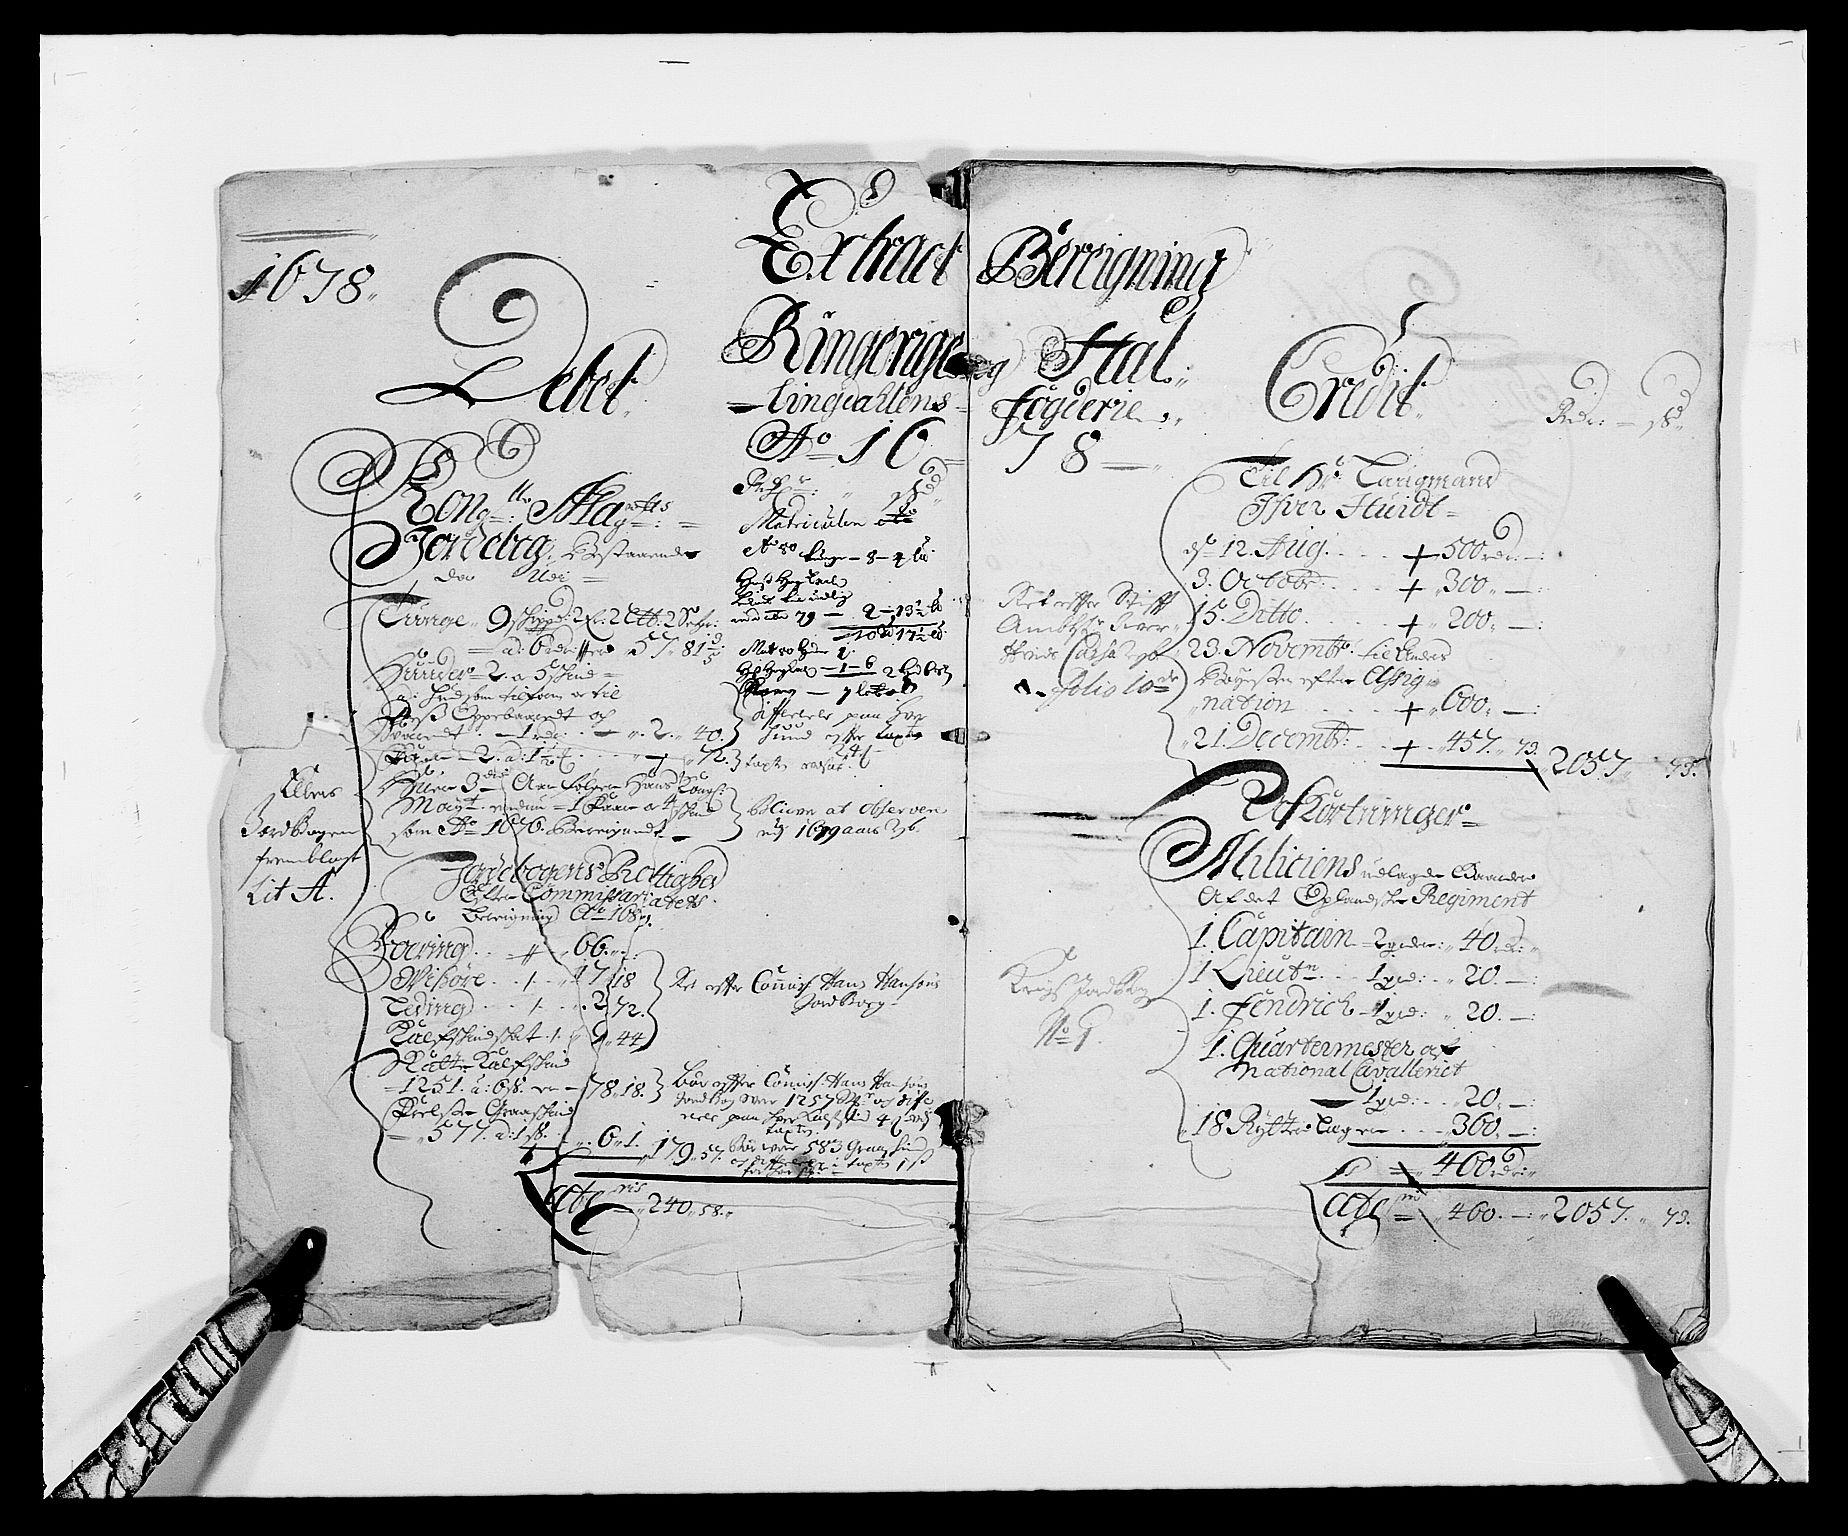 RA, Rentekammeret inntil 1814, Reviderte regnskaper, Fogderegnskap, R21/L1443: Fogderegnskap Ringerike og Hallingdal, 1678-1680, s. 2